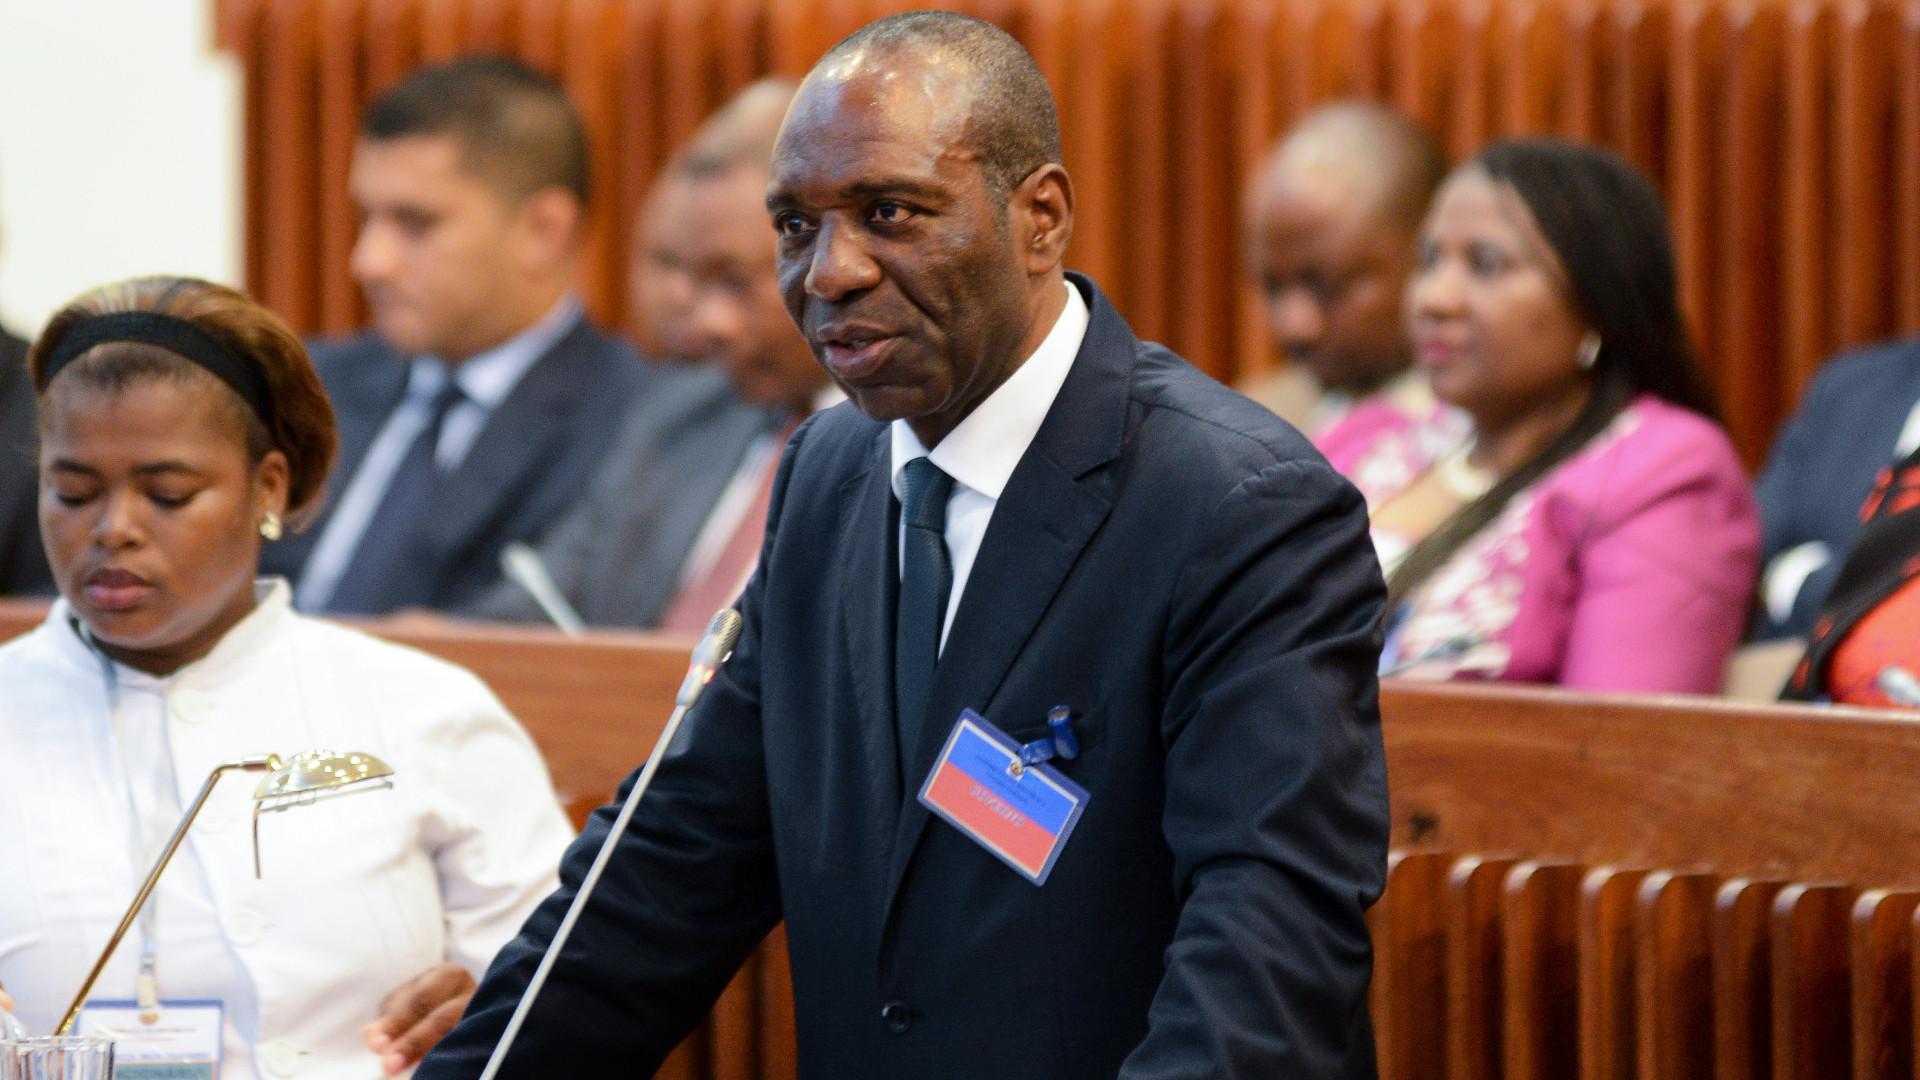 Moçambique diz que vai dar prioridade ao combate aos raptos e assassínios